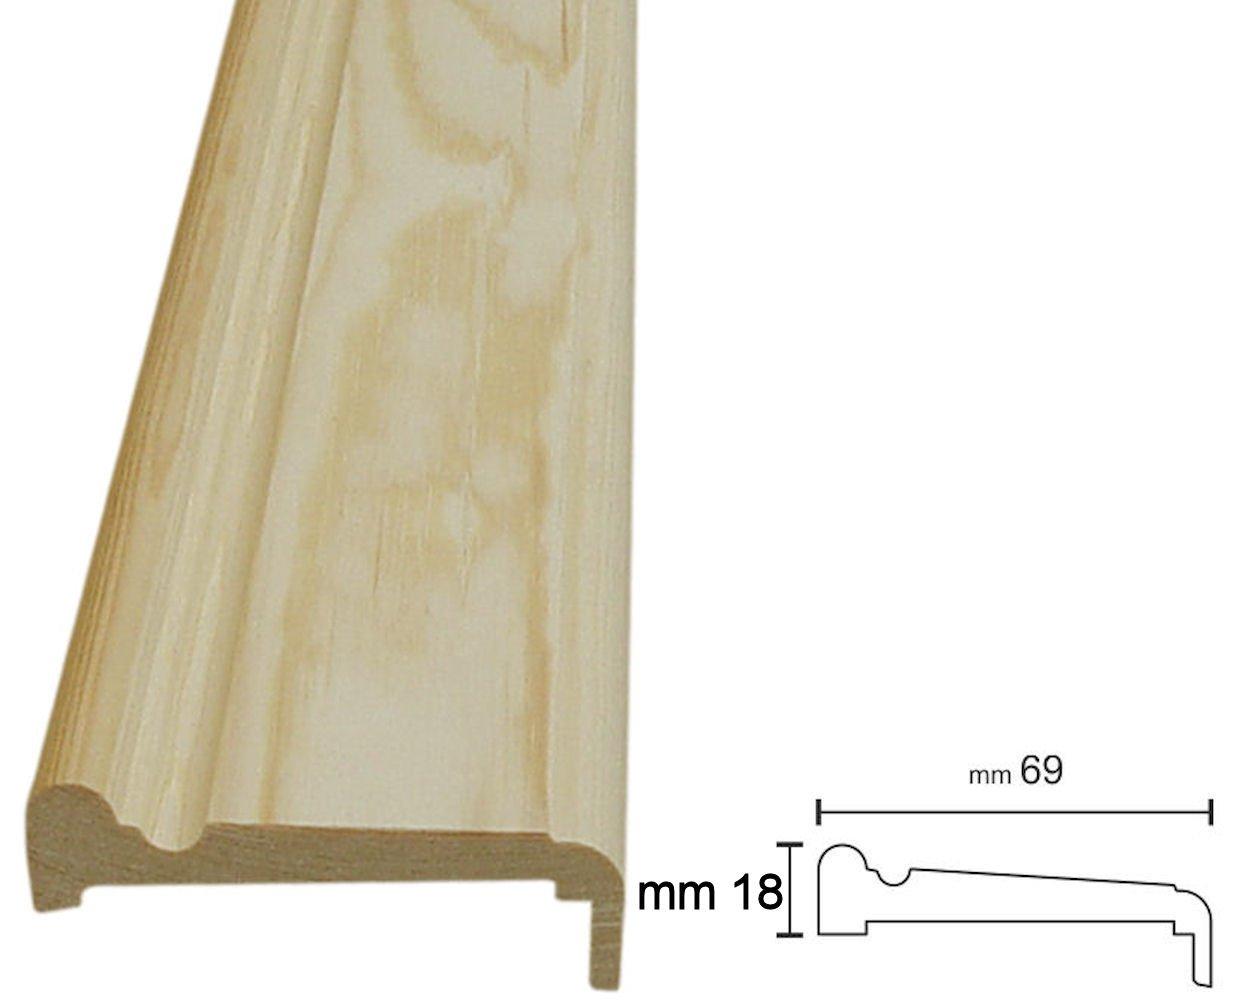 confezioni da metri 11 sufficienti per entrambi i lati della porta 13x69, Pino grezzo da verniciare Coprifili in legno massiccio in aste da 2300 mm